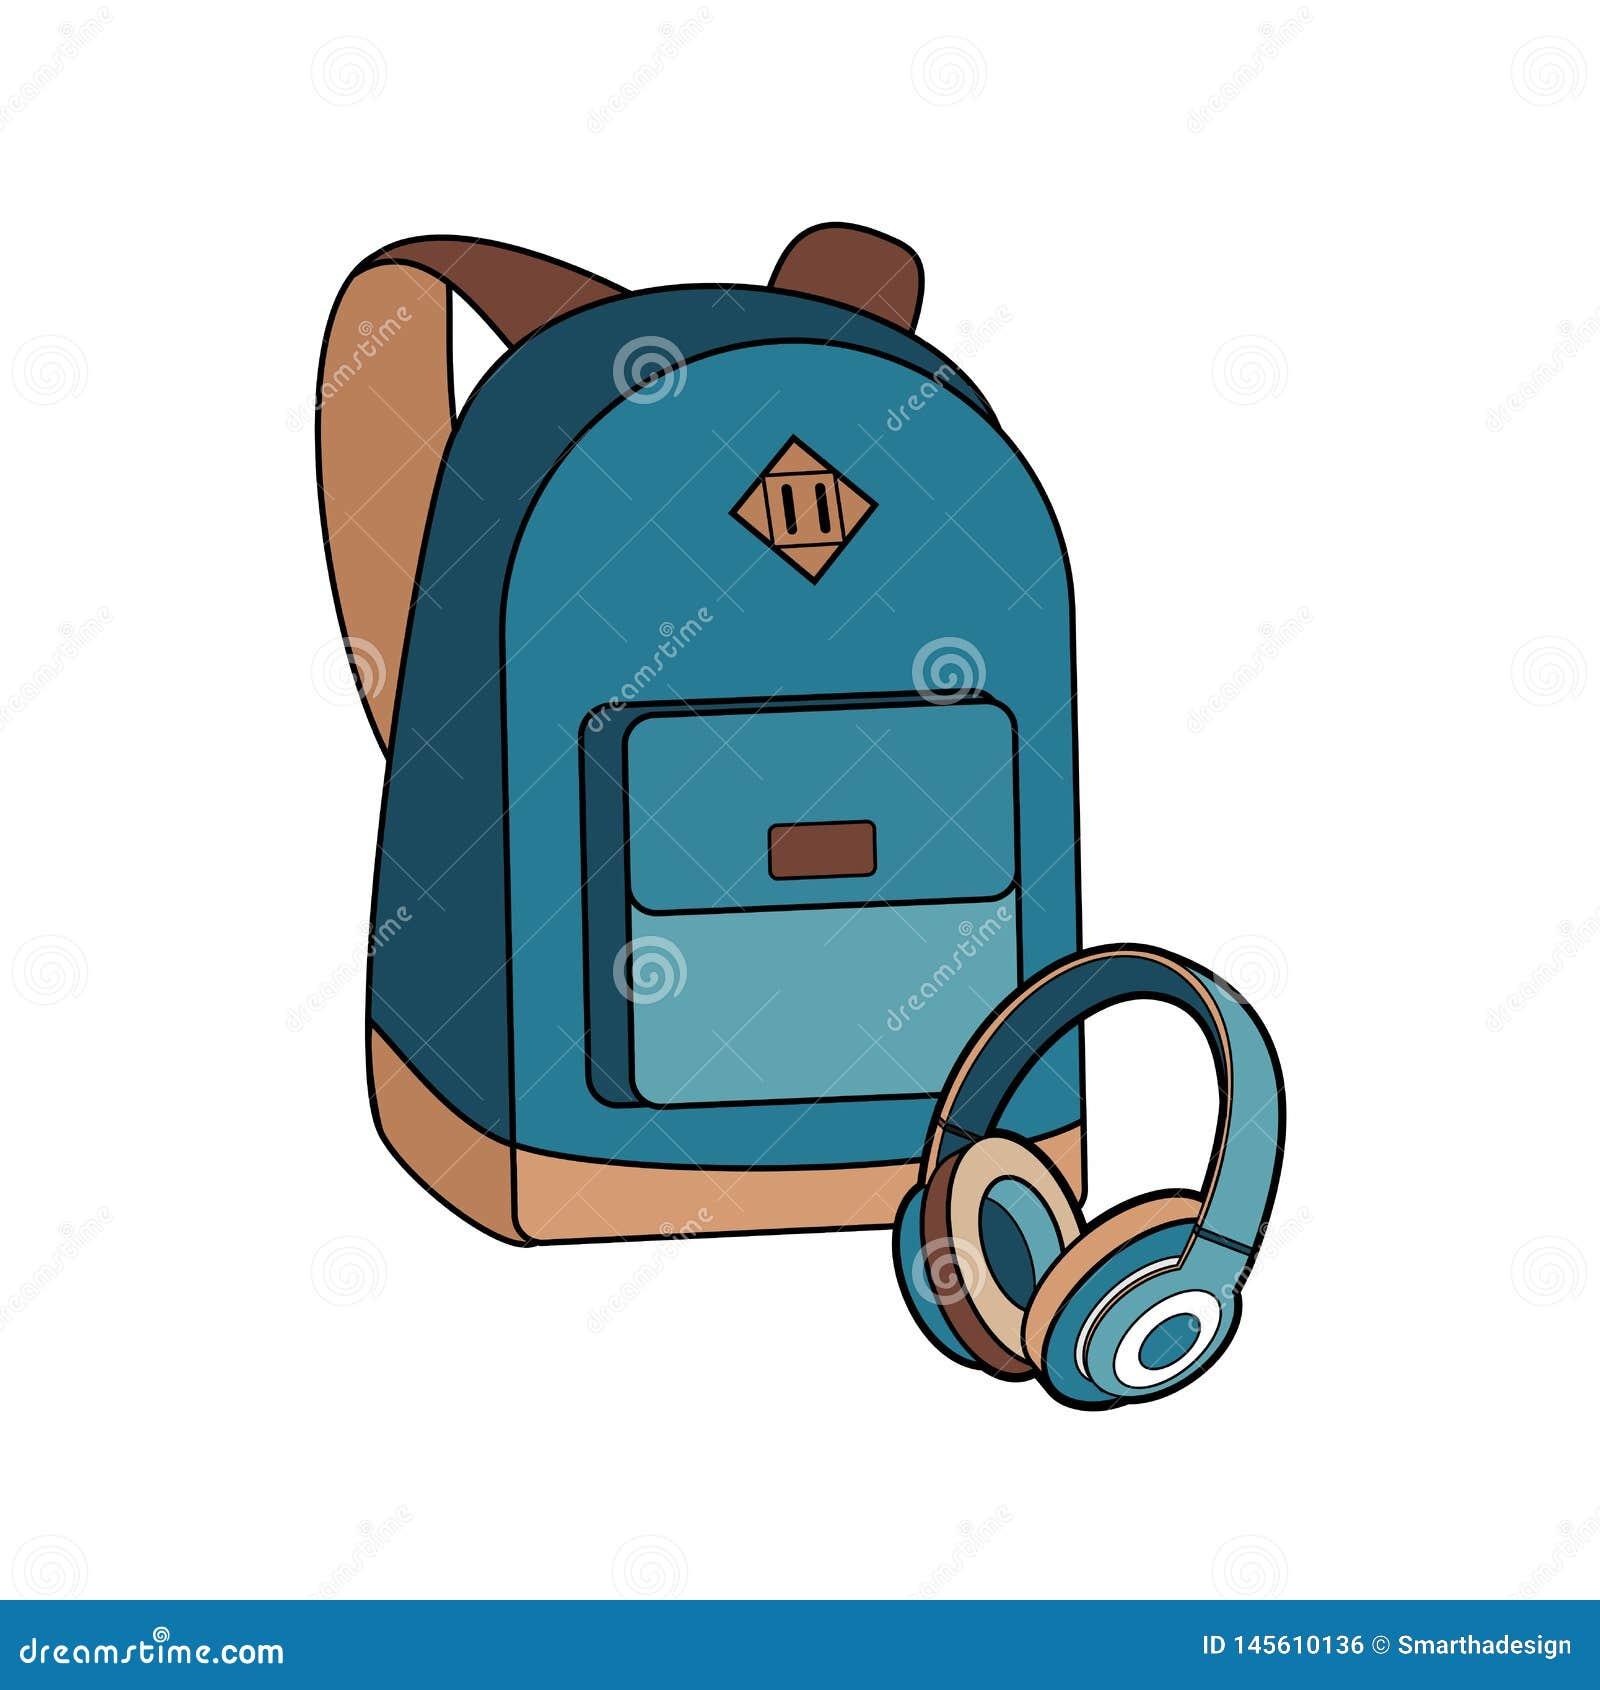 Insieme isolato vettore dello zaino, della borsa, dello Zaino e delle cuffie Illustrazione dello zaino dei pantaloni a vita bassa